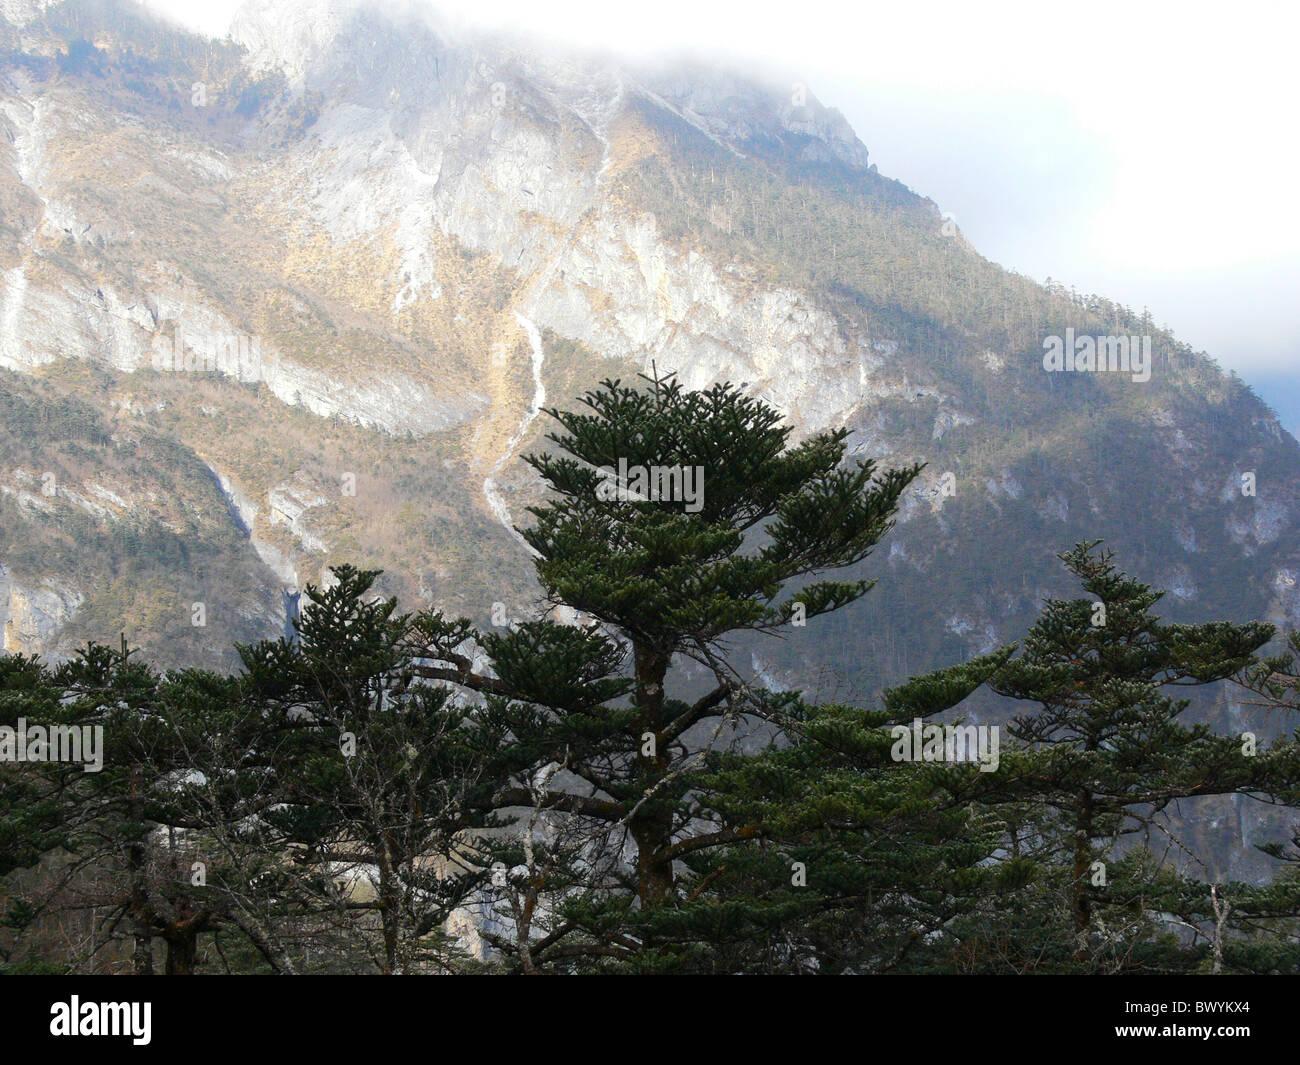 Yulong Snow Mountain in summer, Yulong Naxi Autonomous County, Lijiang, Yunnan Province, China - Stock Image